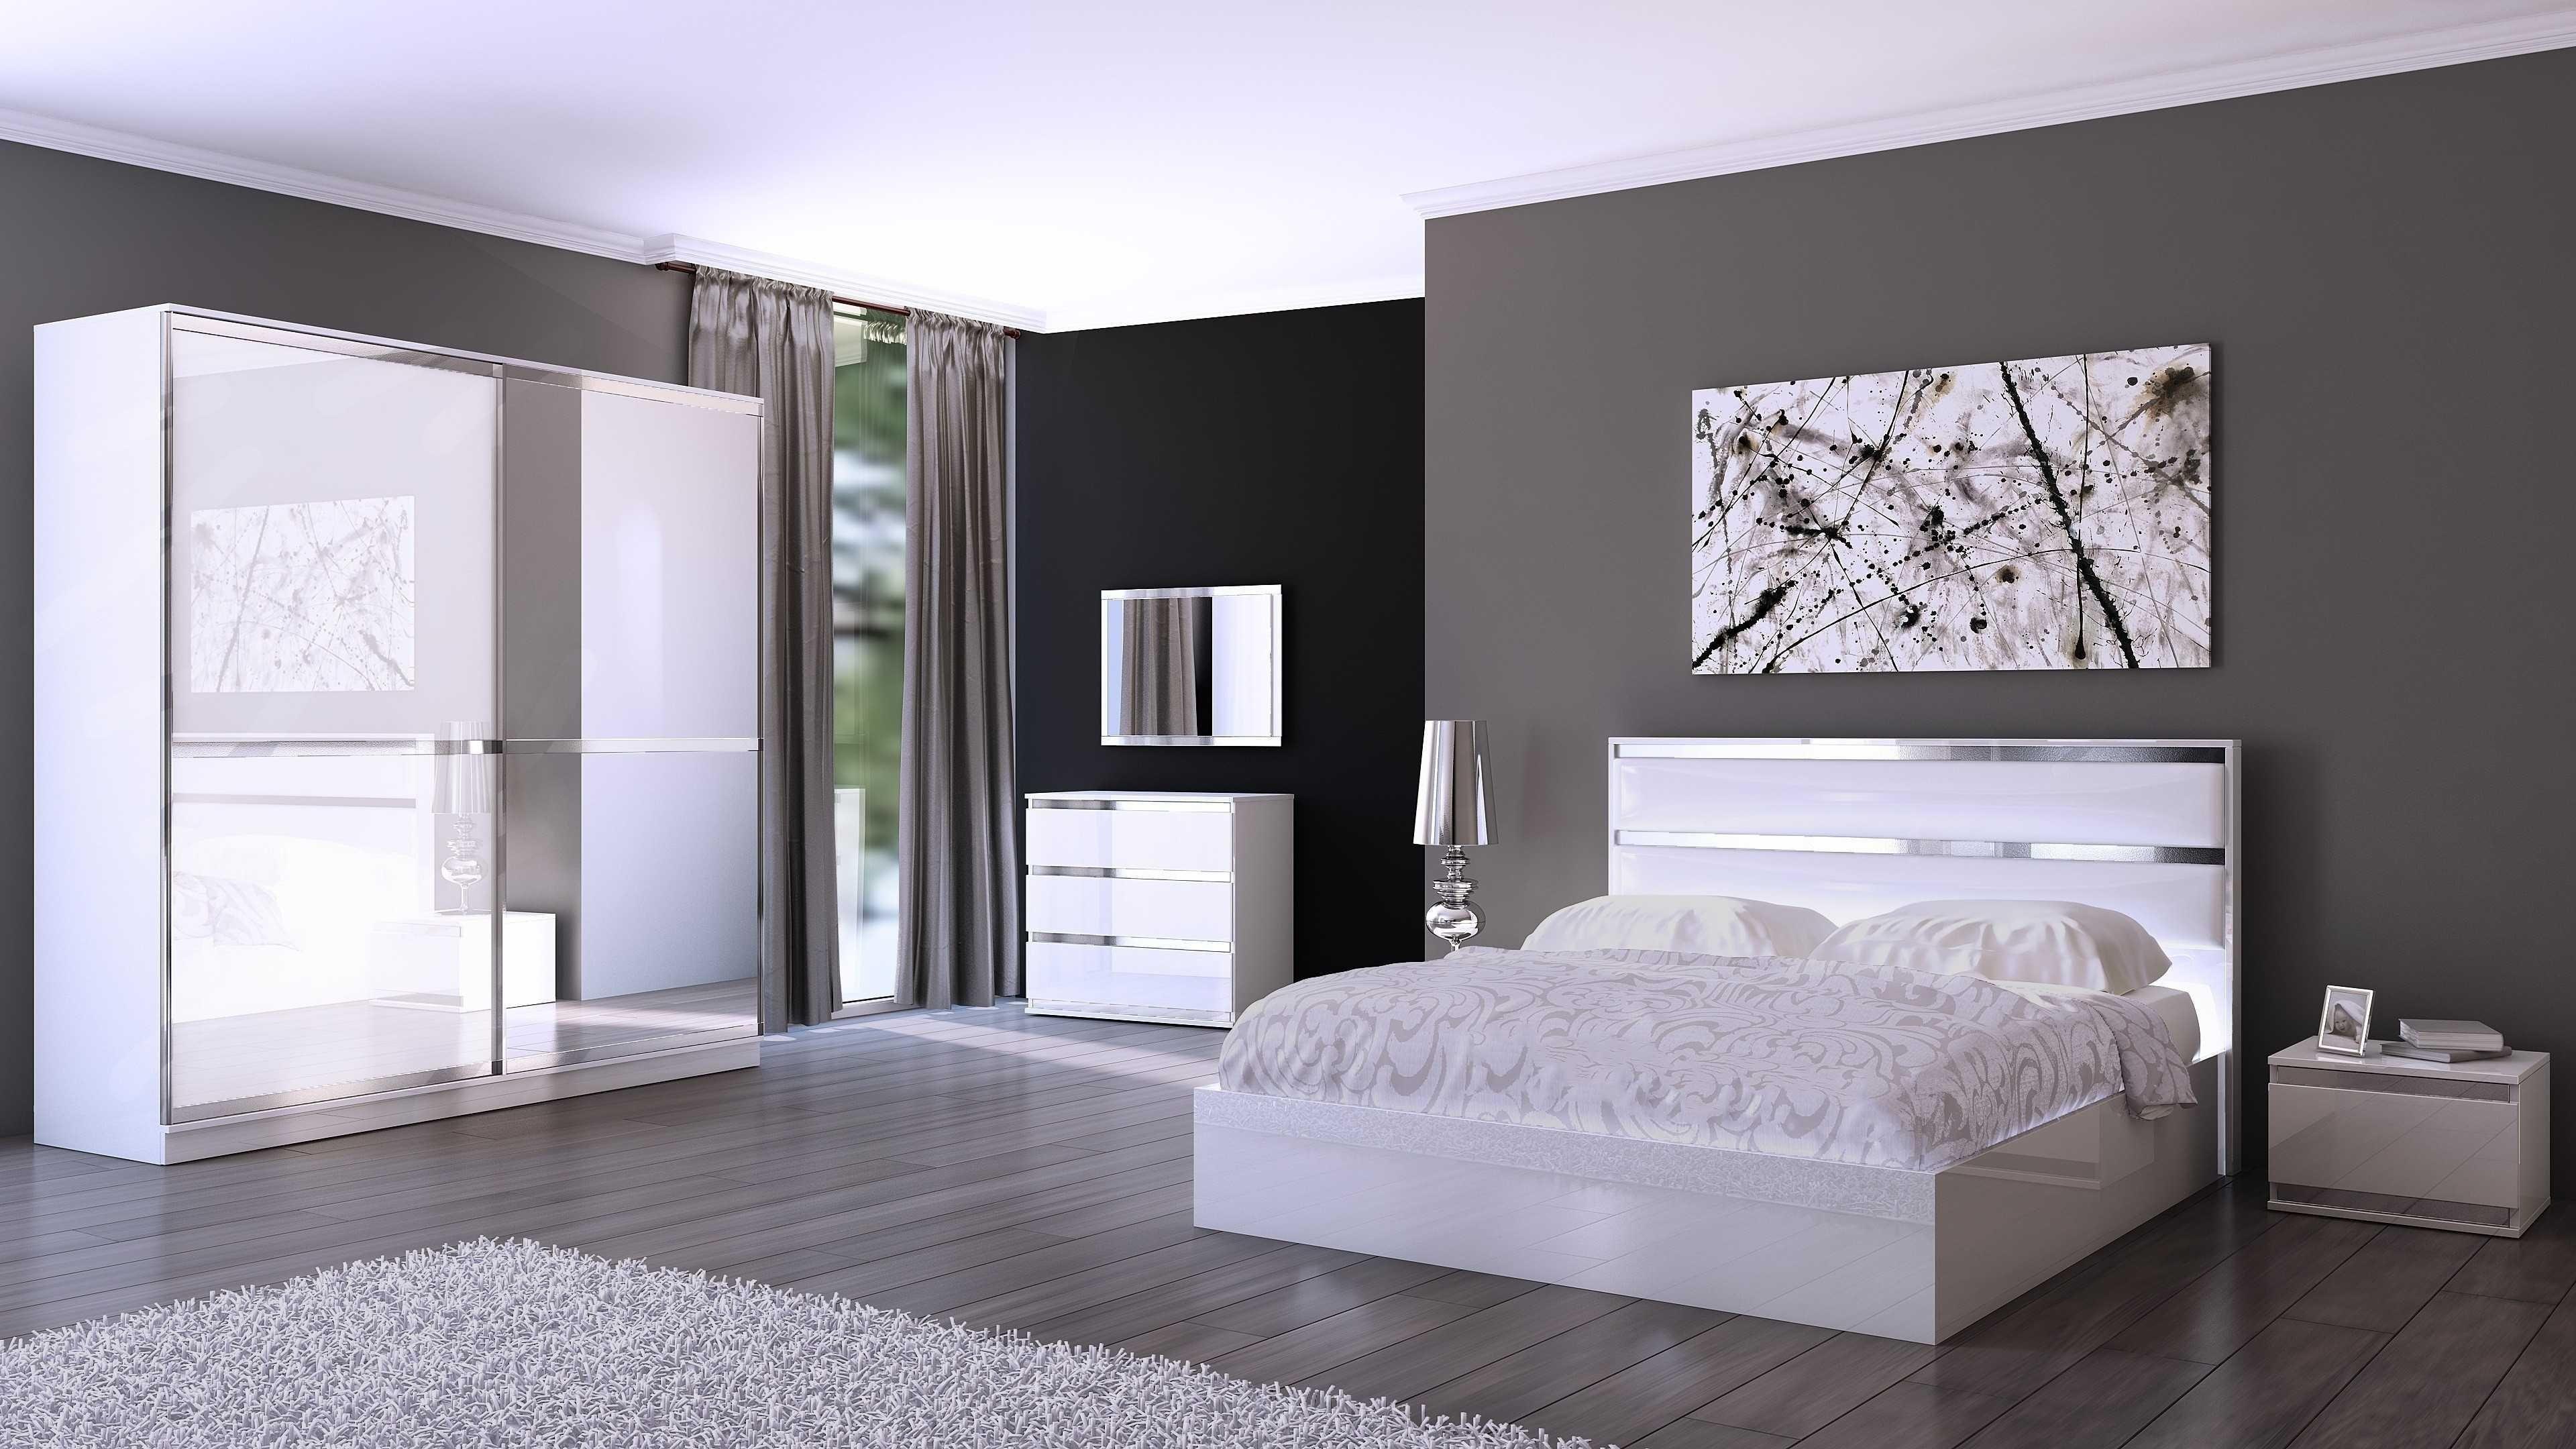 Deco Chambre A Coucher Home Decor Furniture Home